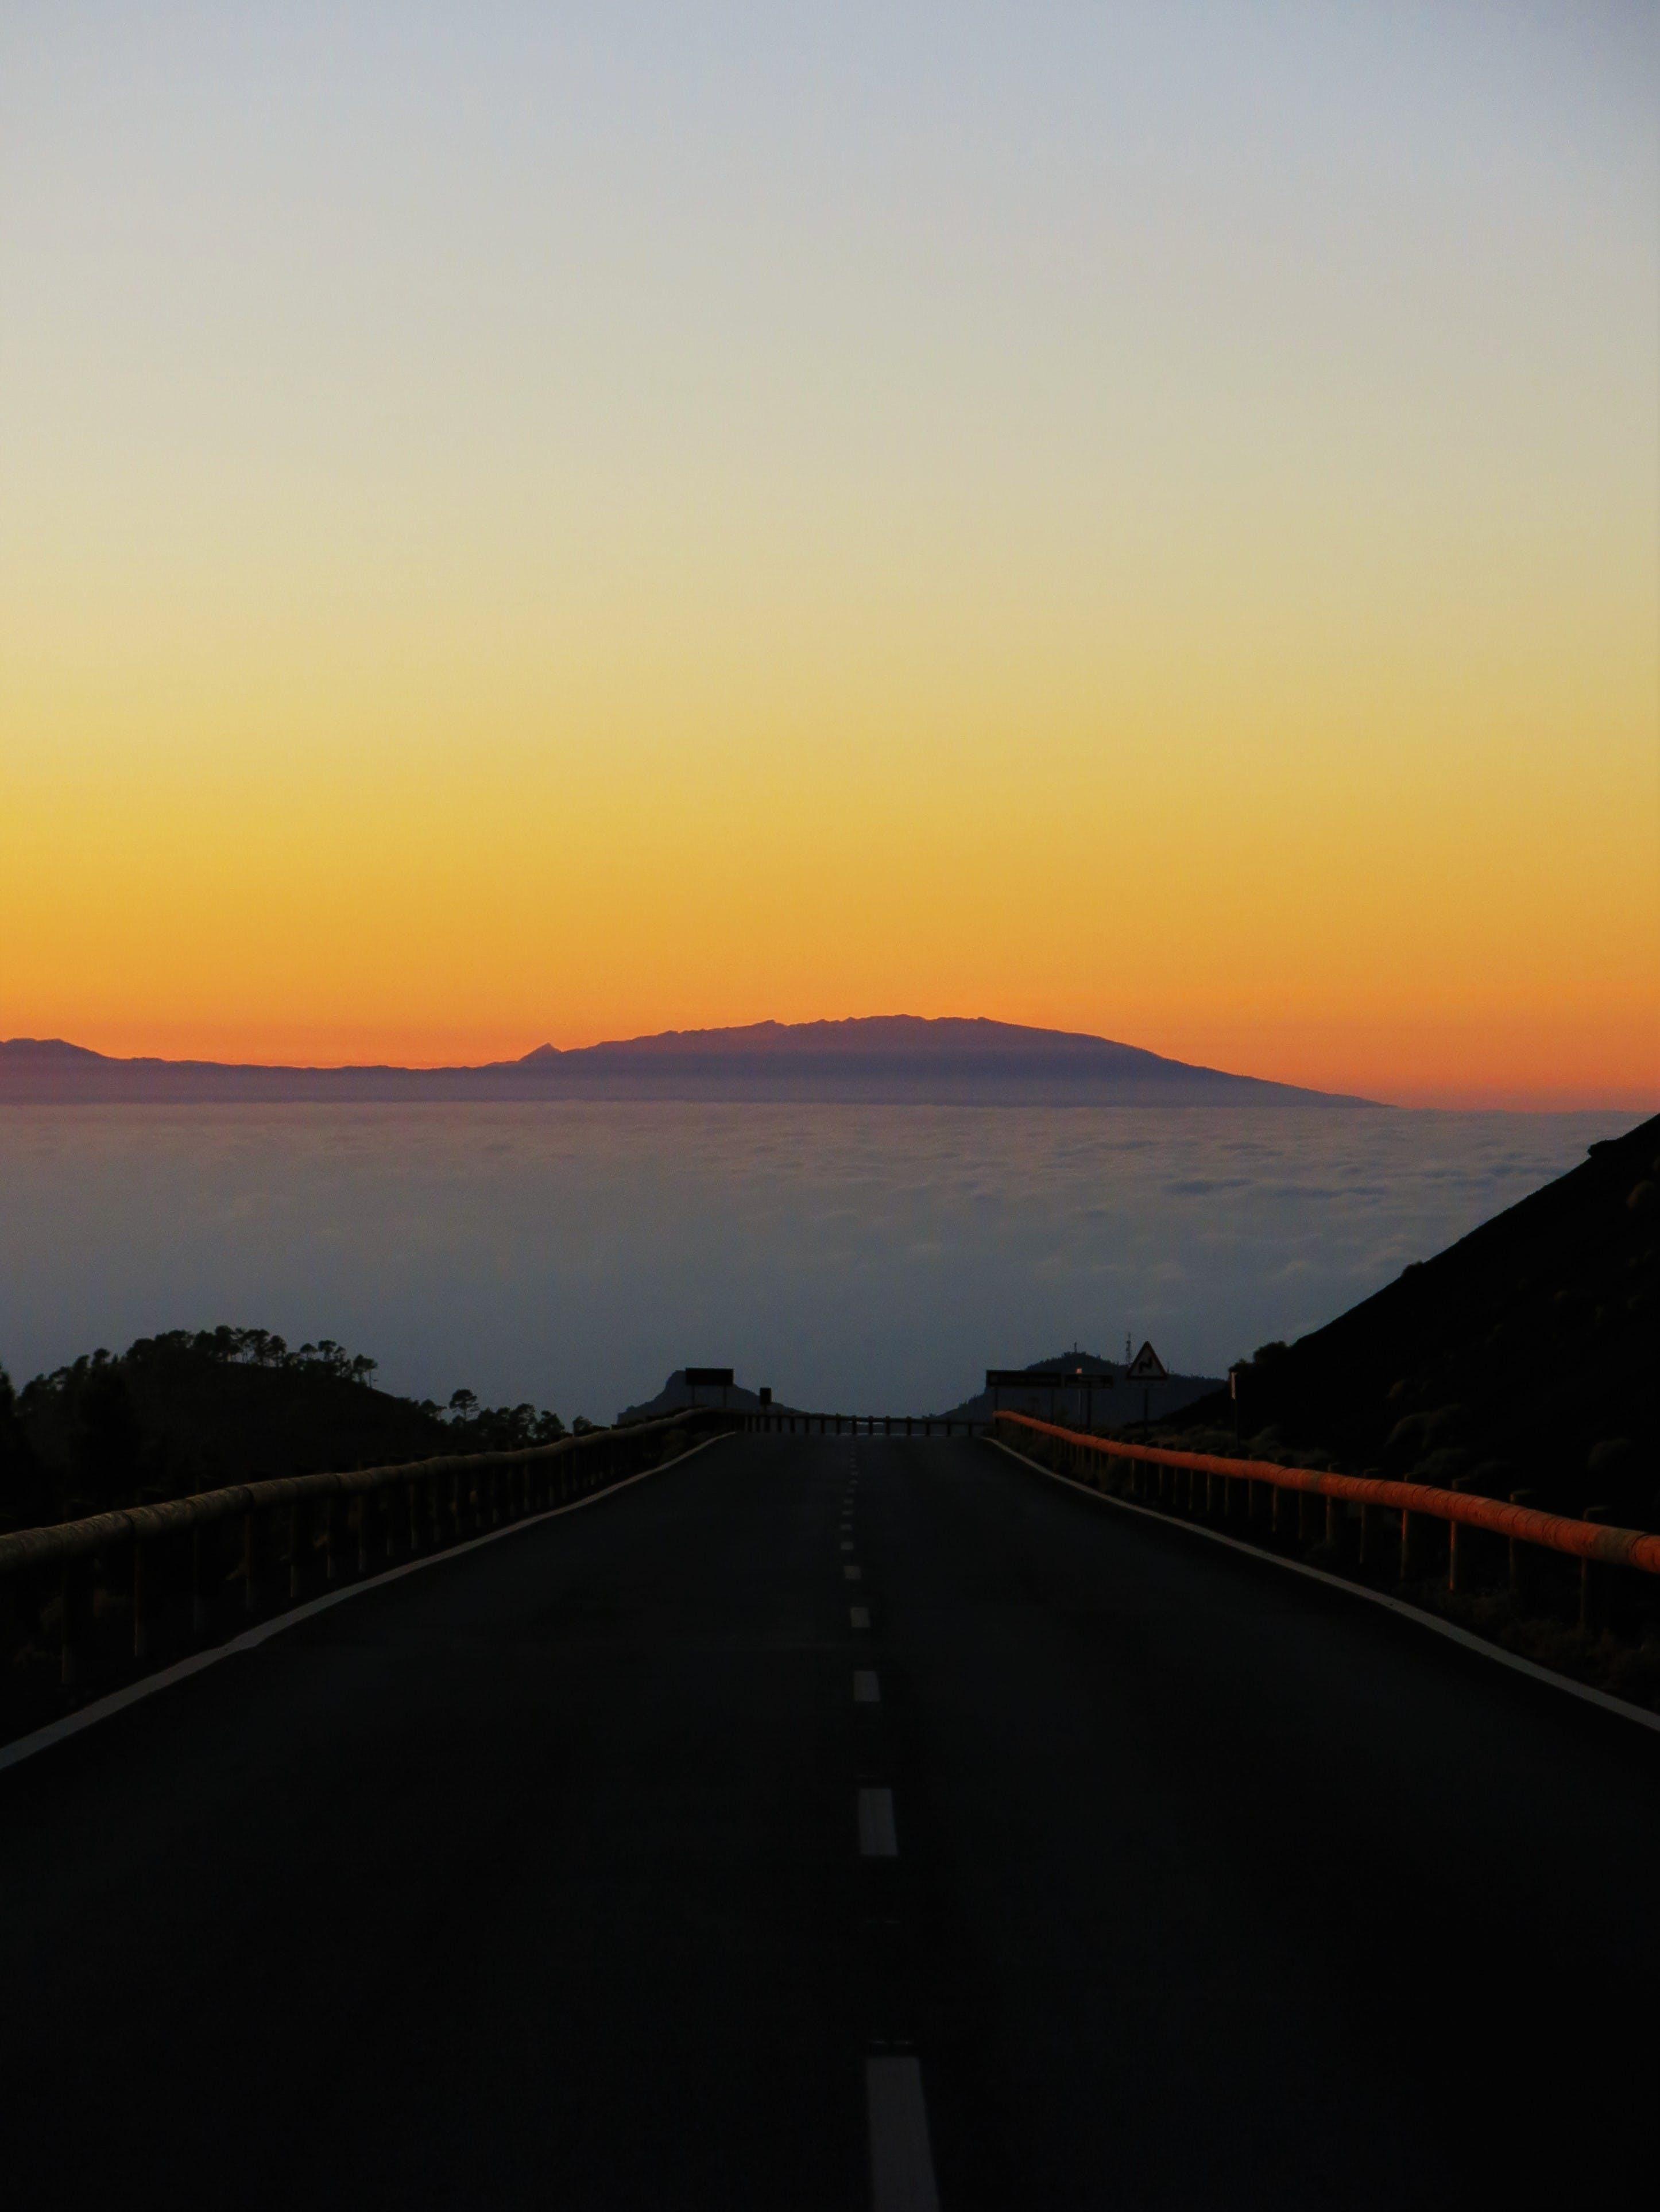 Black and White Asphalt Road